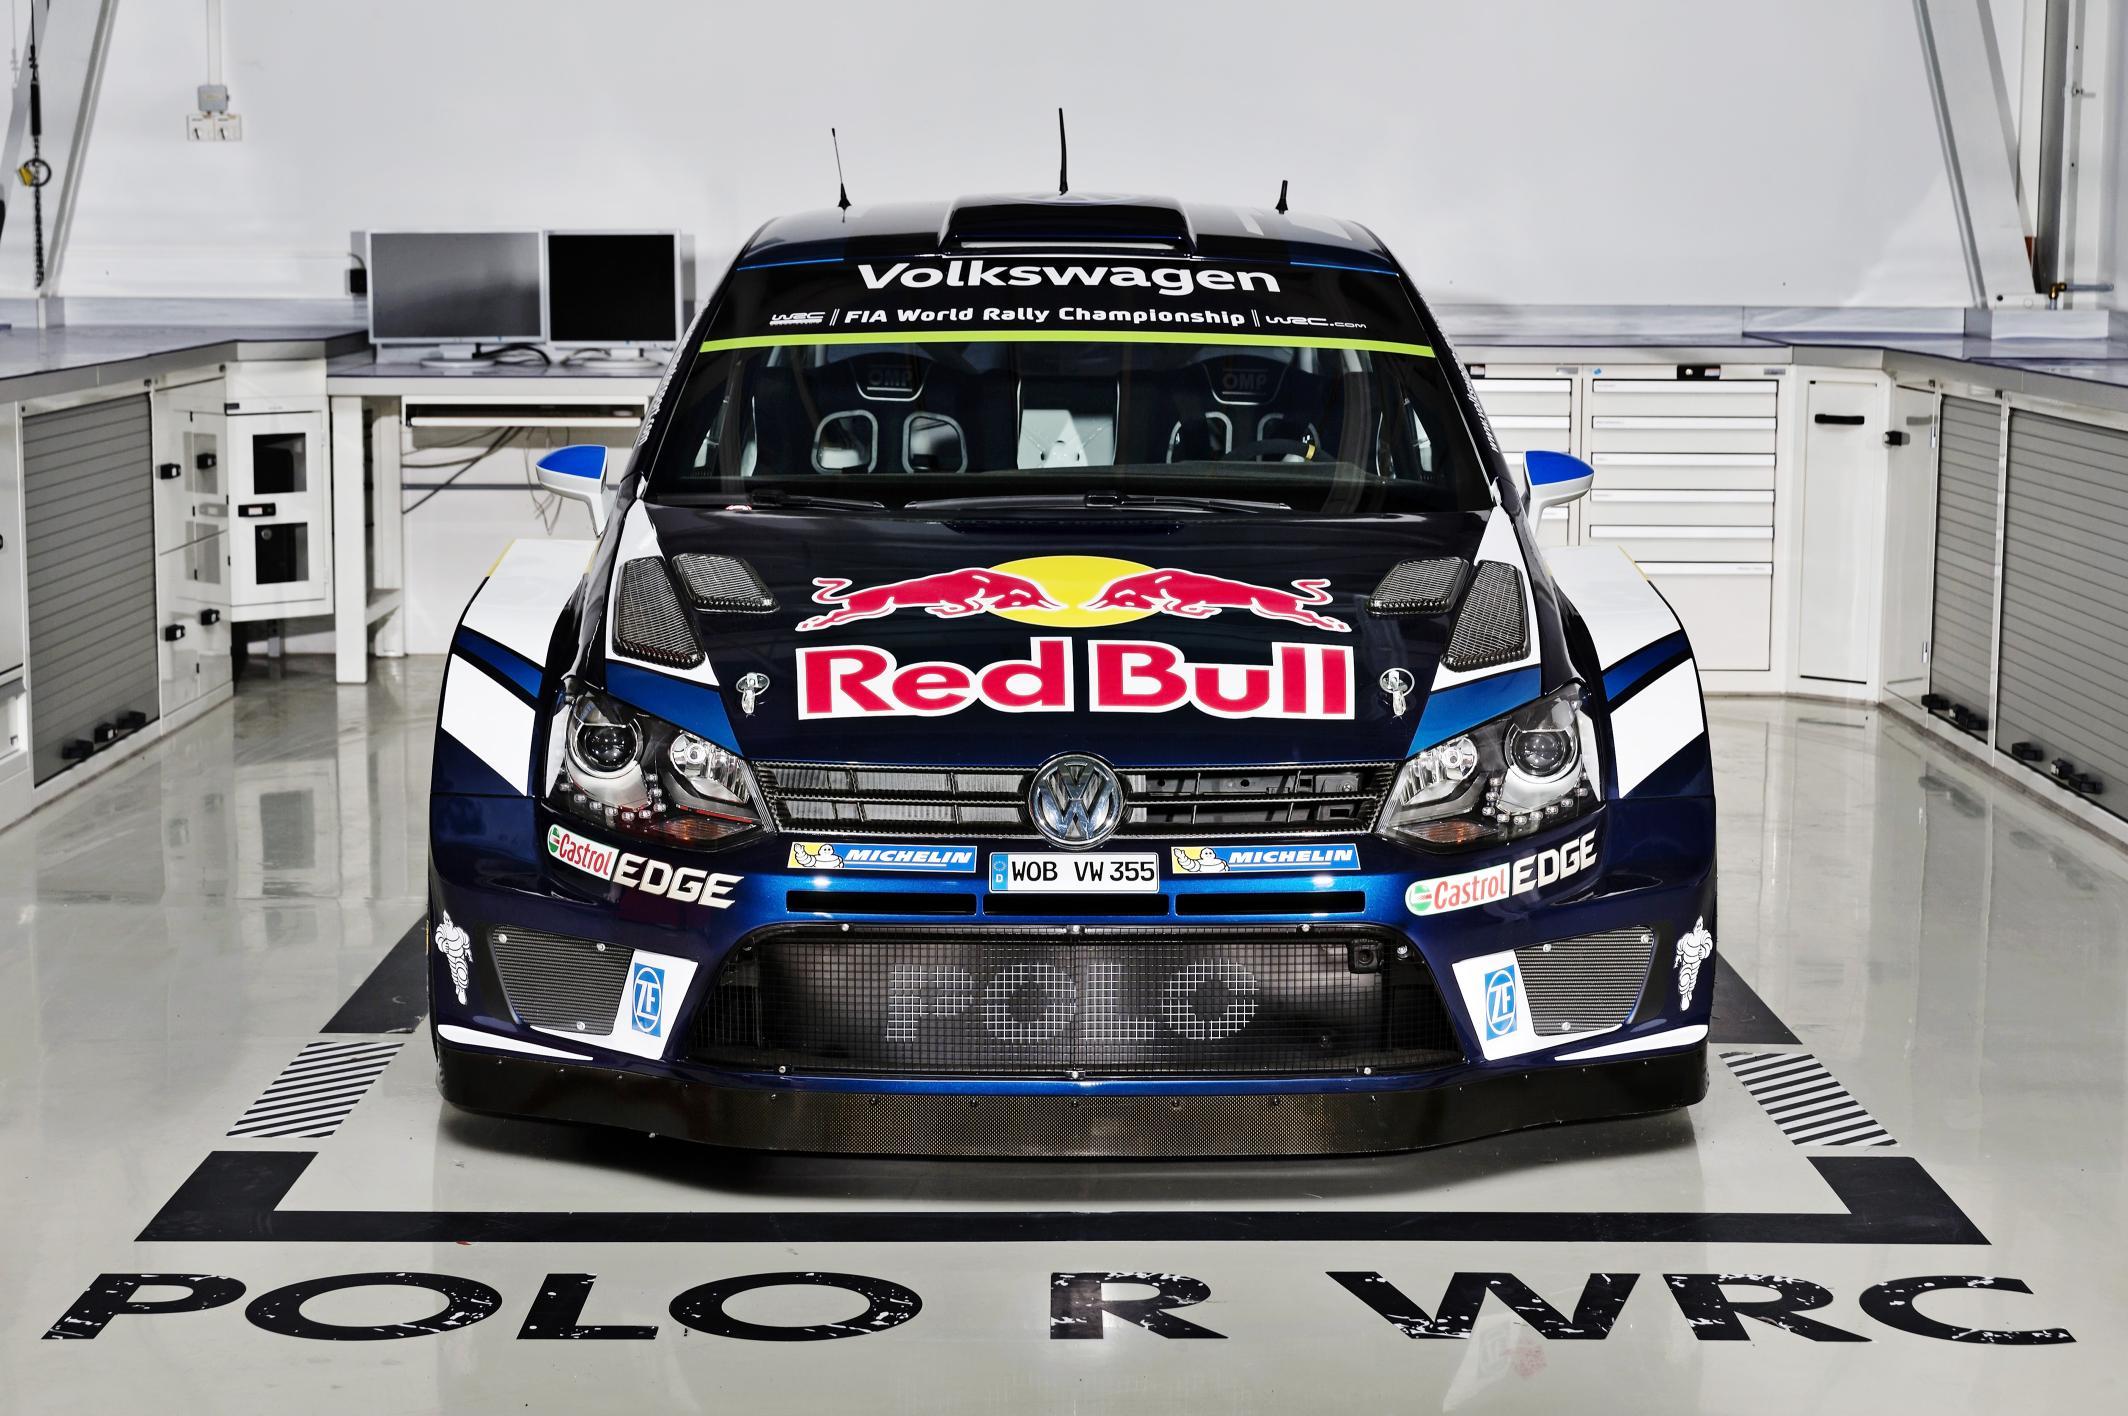 Volkswagen Polo WRC 1